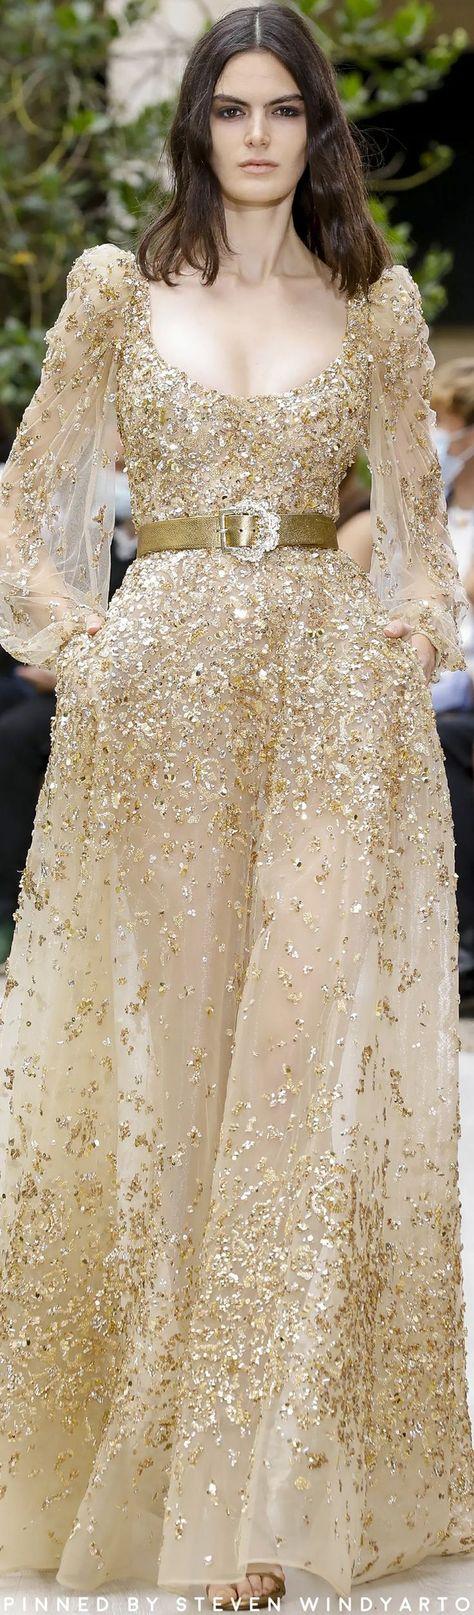 Zuhair Murad Fall 2021 Couture Fashion Show #fall2021couture #fw21 #womenswear #hautecouture #zuhairmurad